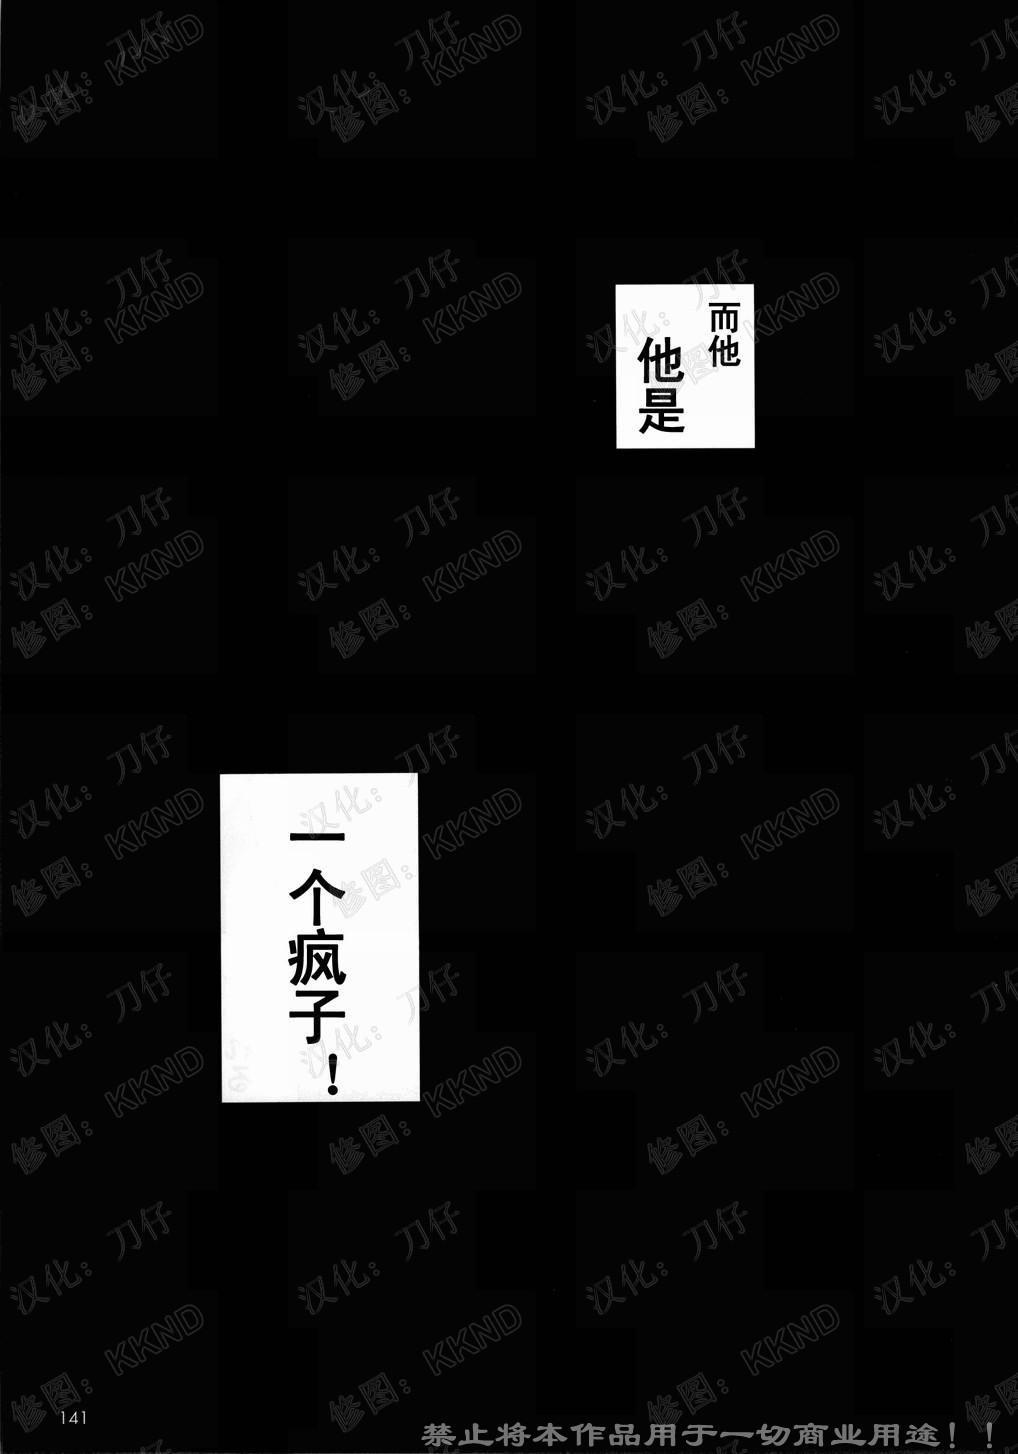 Nagamochi no Naka 42